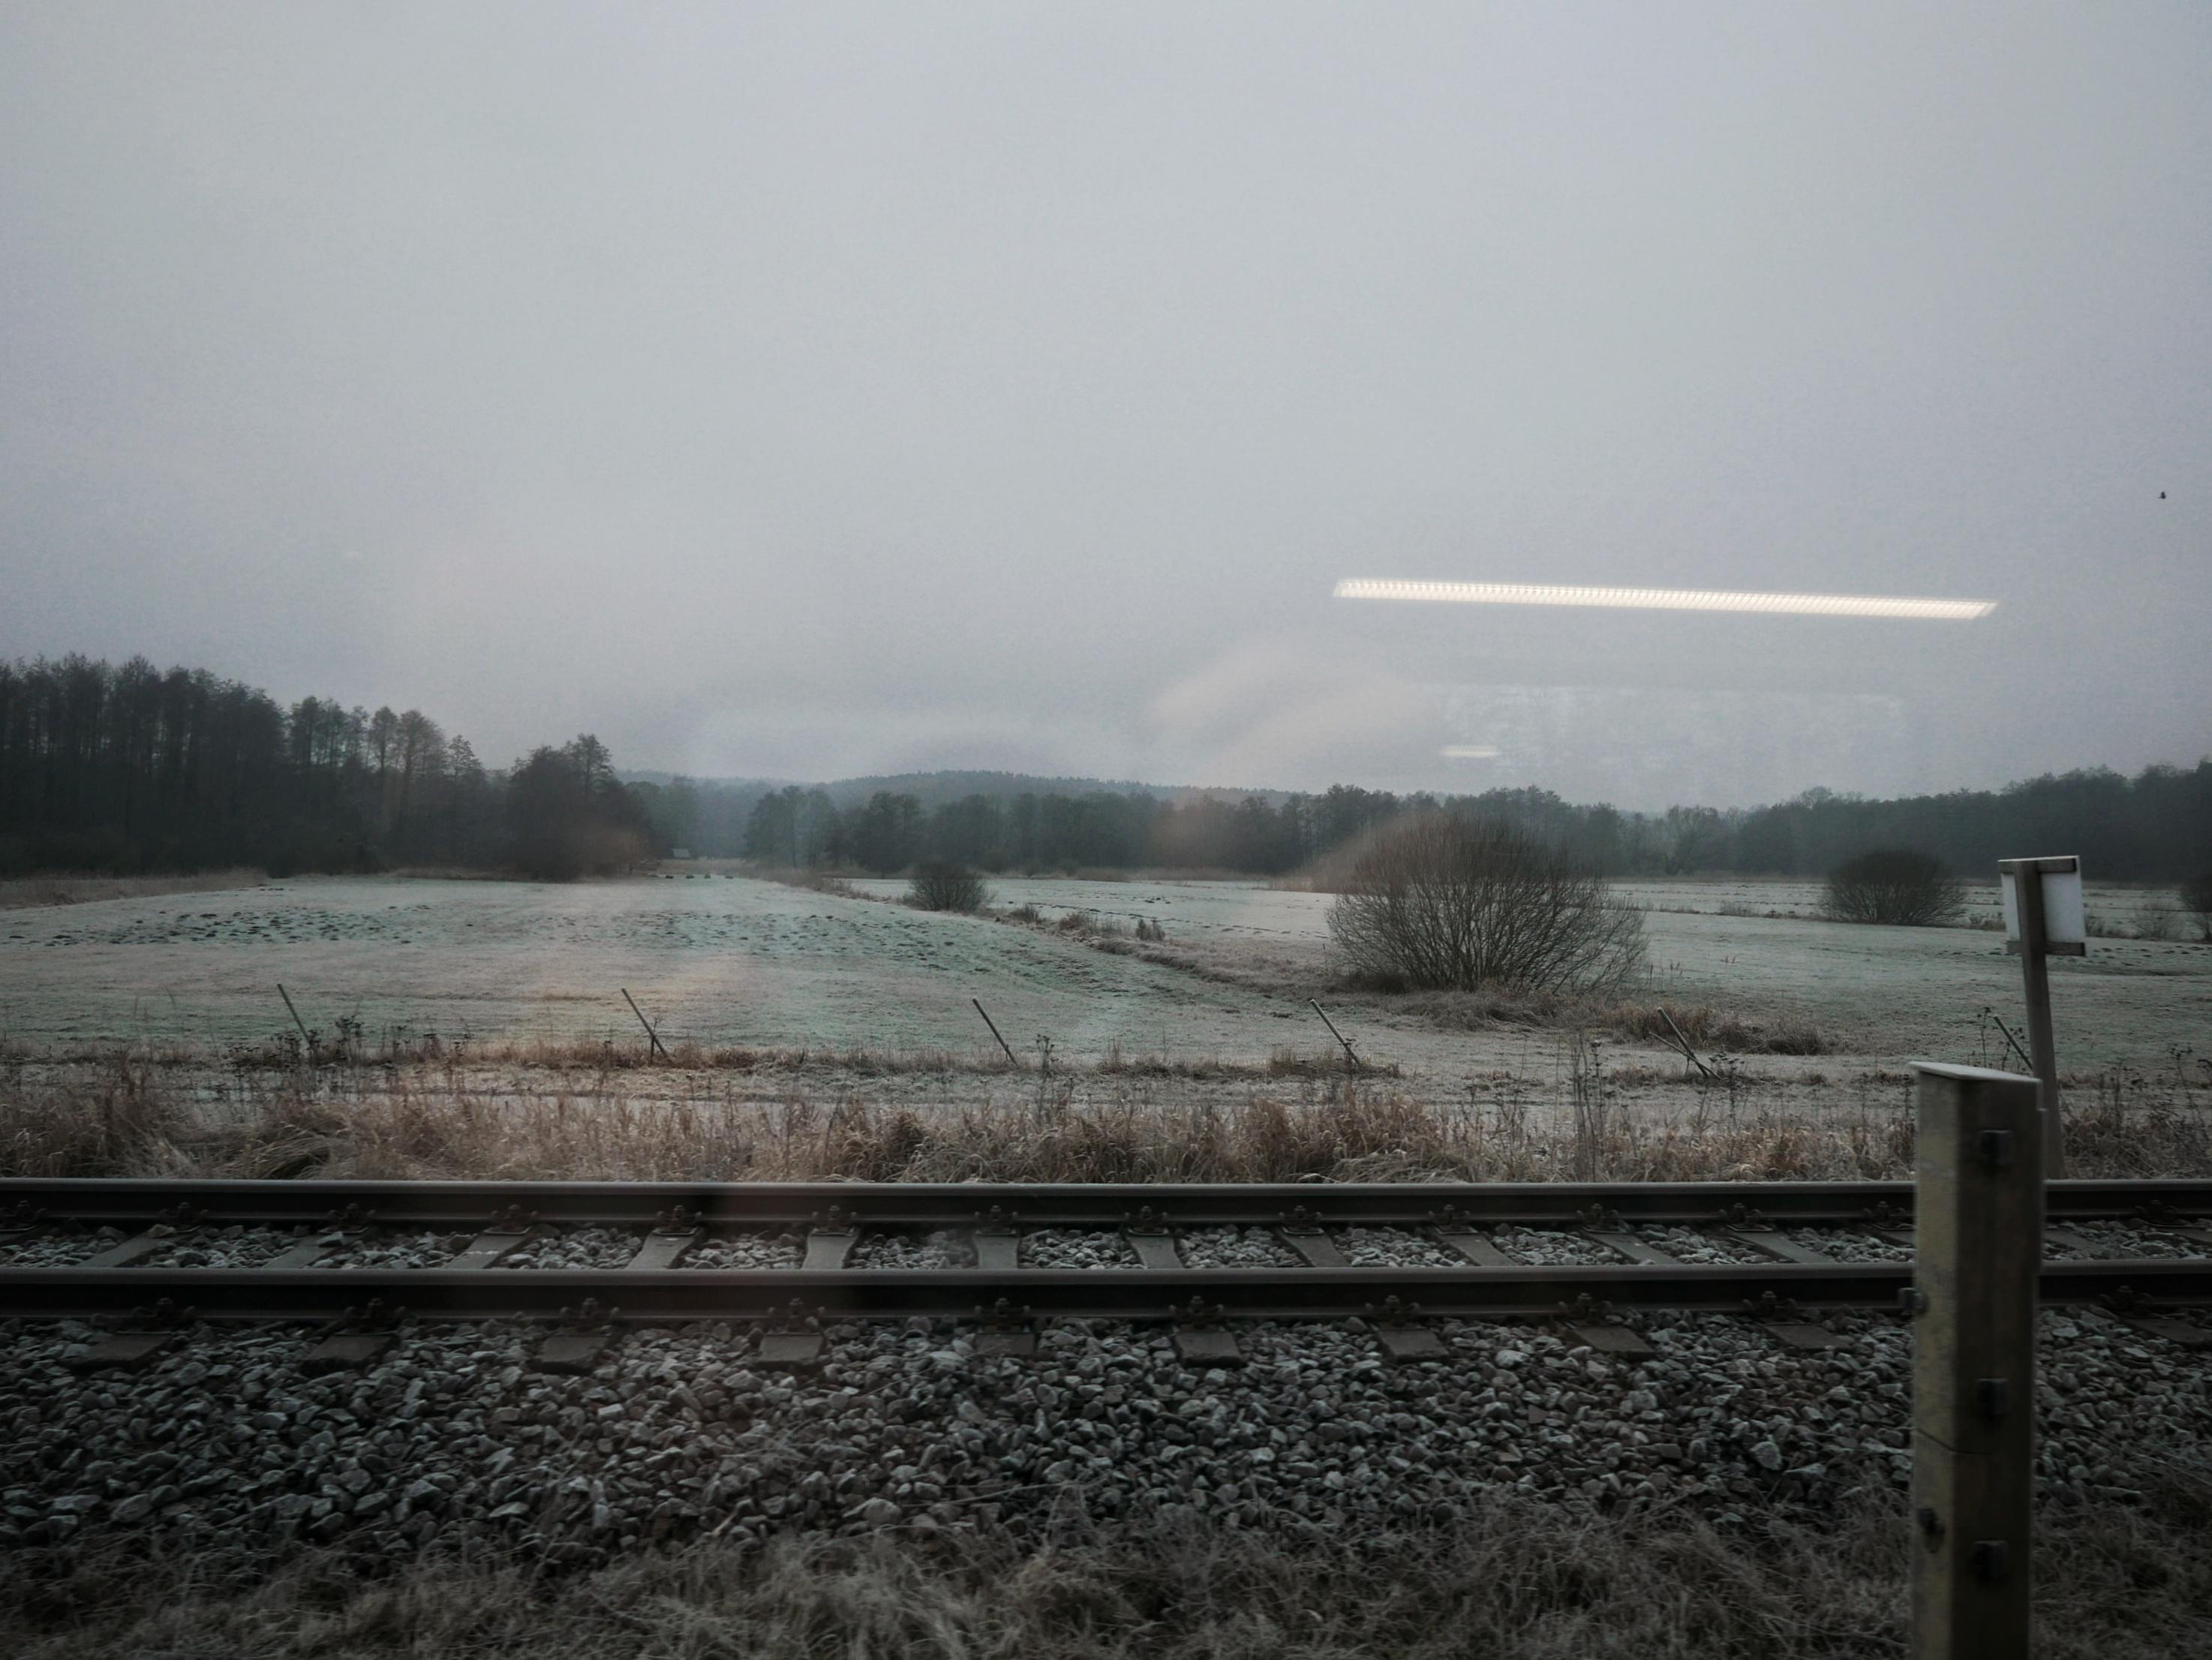 Winter-Landschaft aus dem Zugfenster